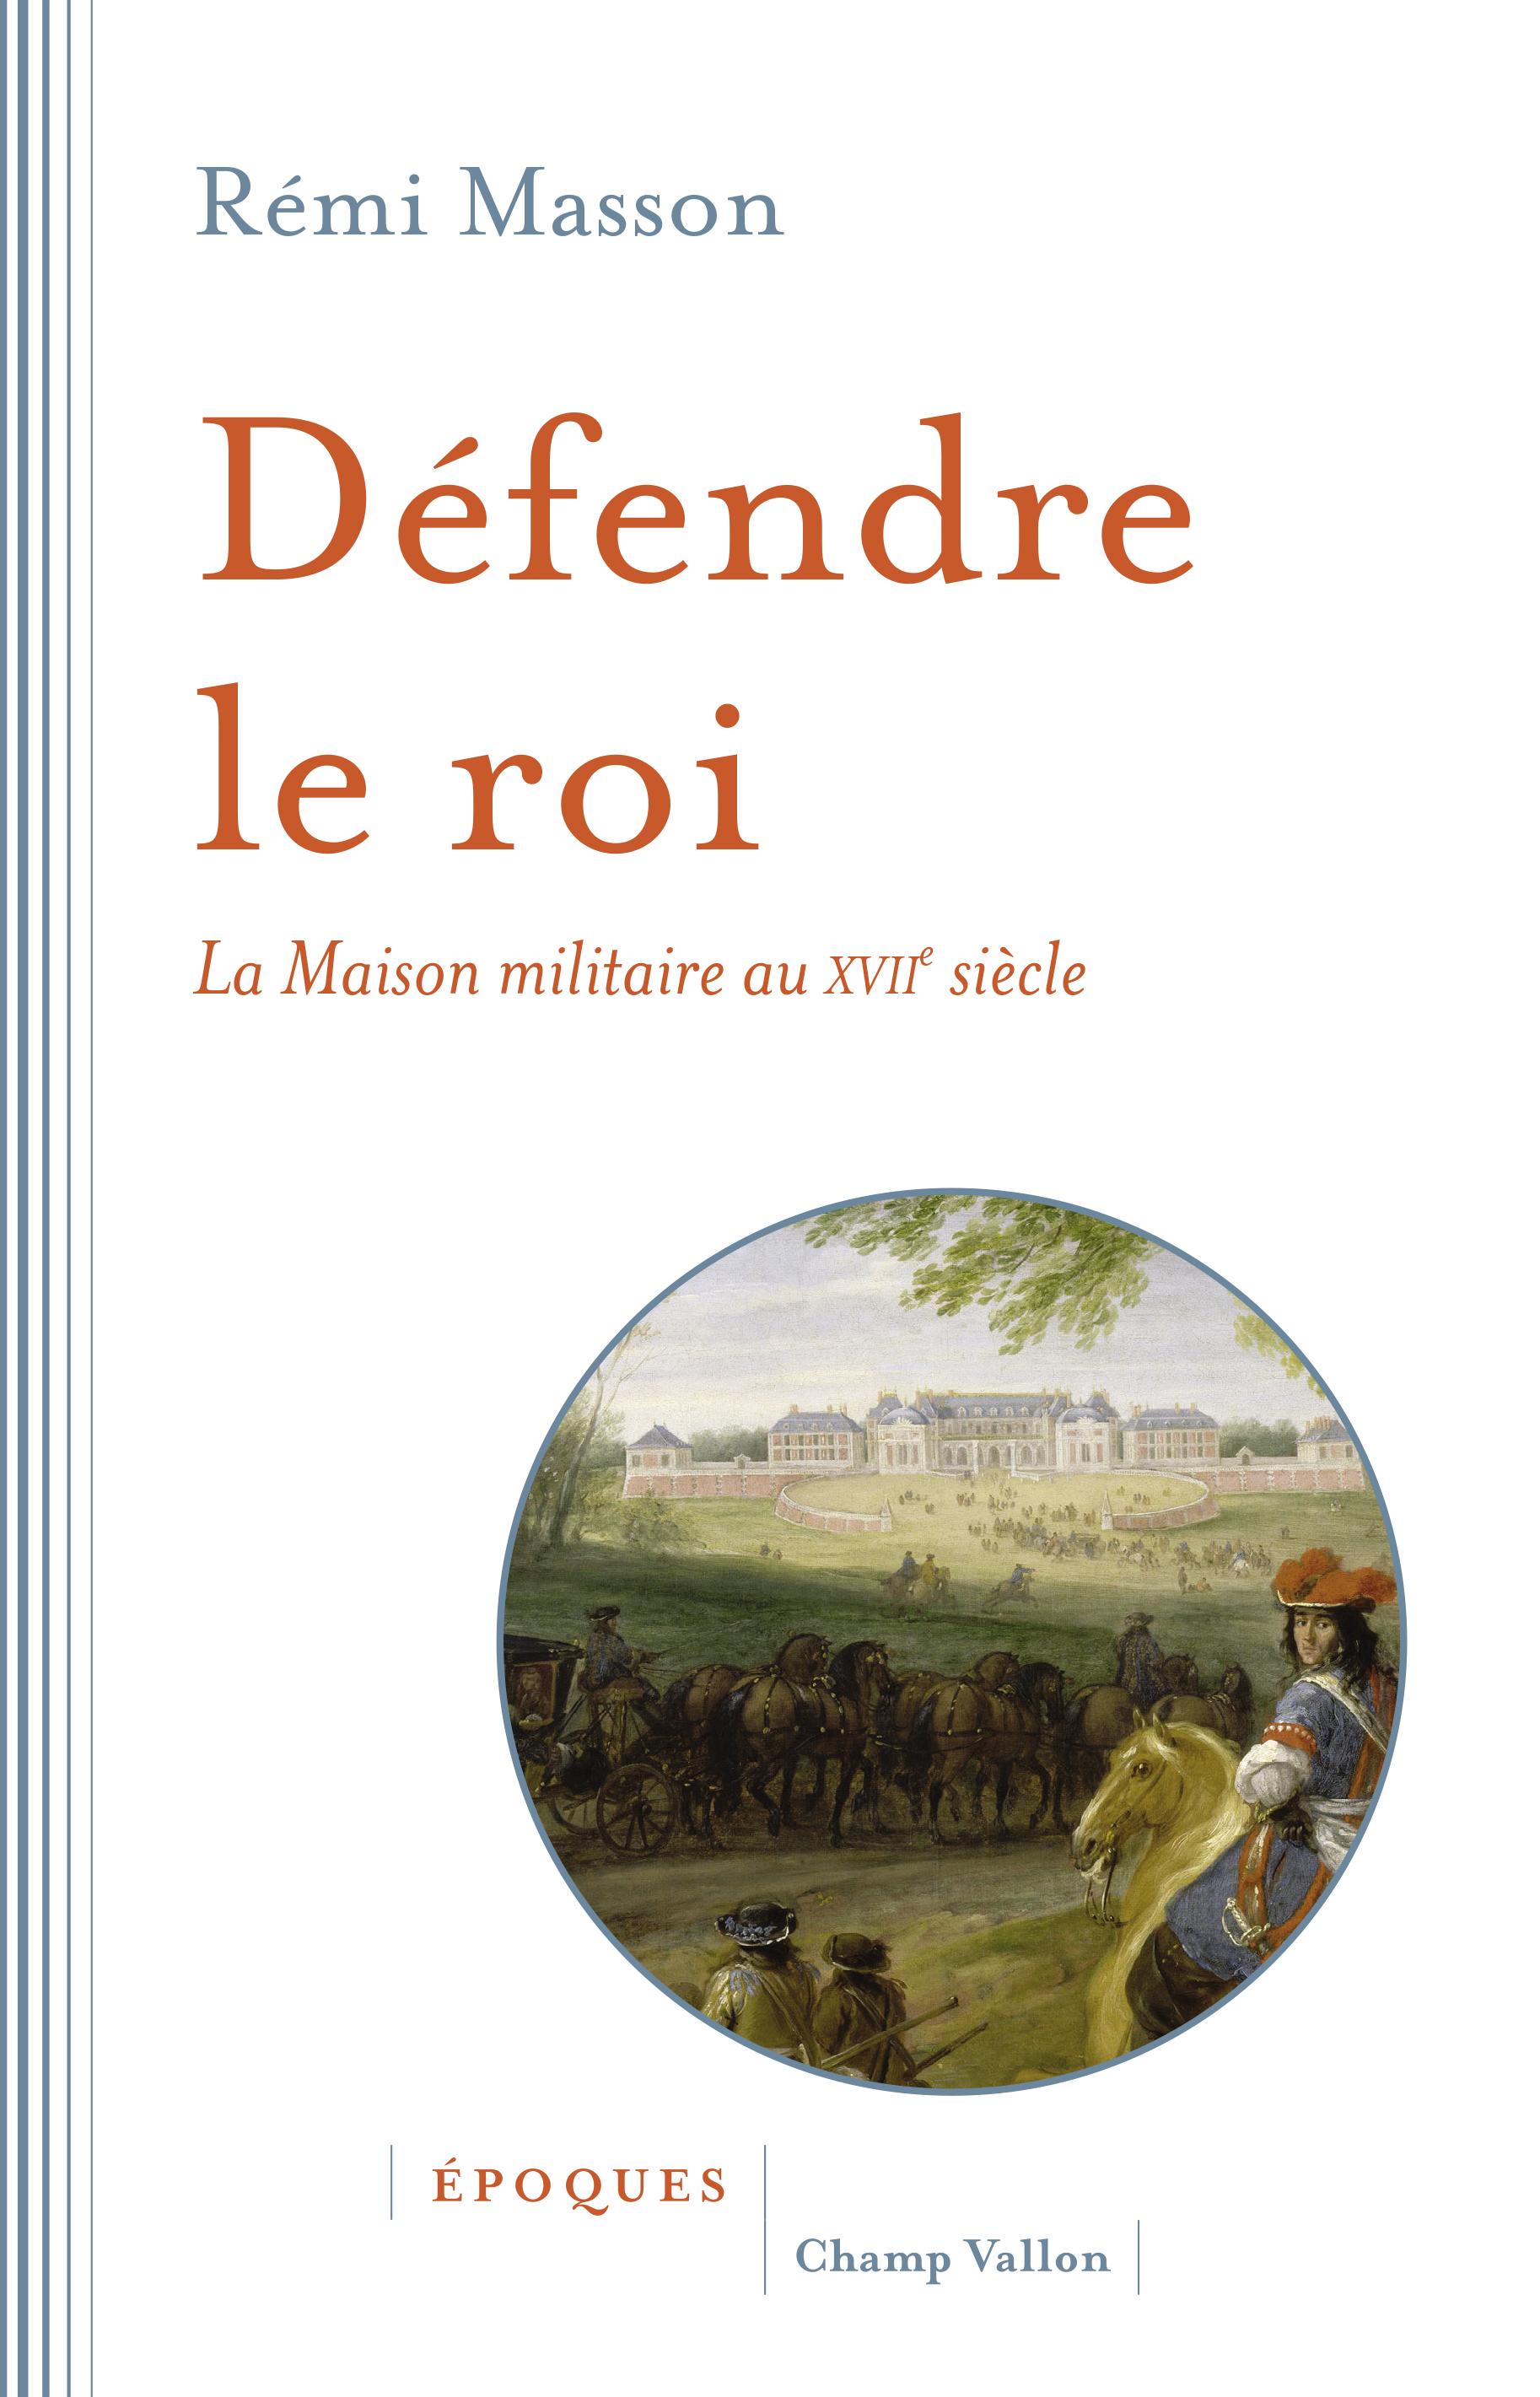 Défendre le roi, La Maison militaire au XVIIe siècle